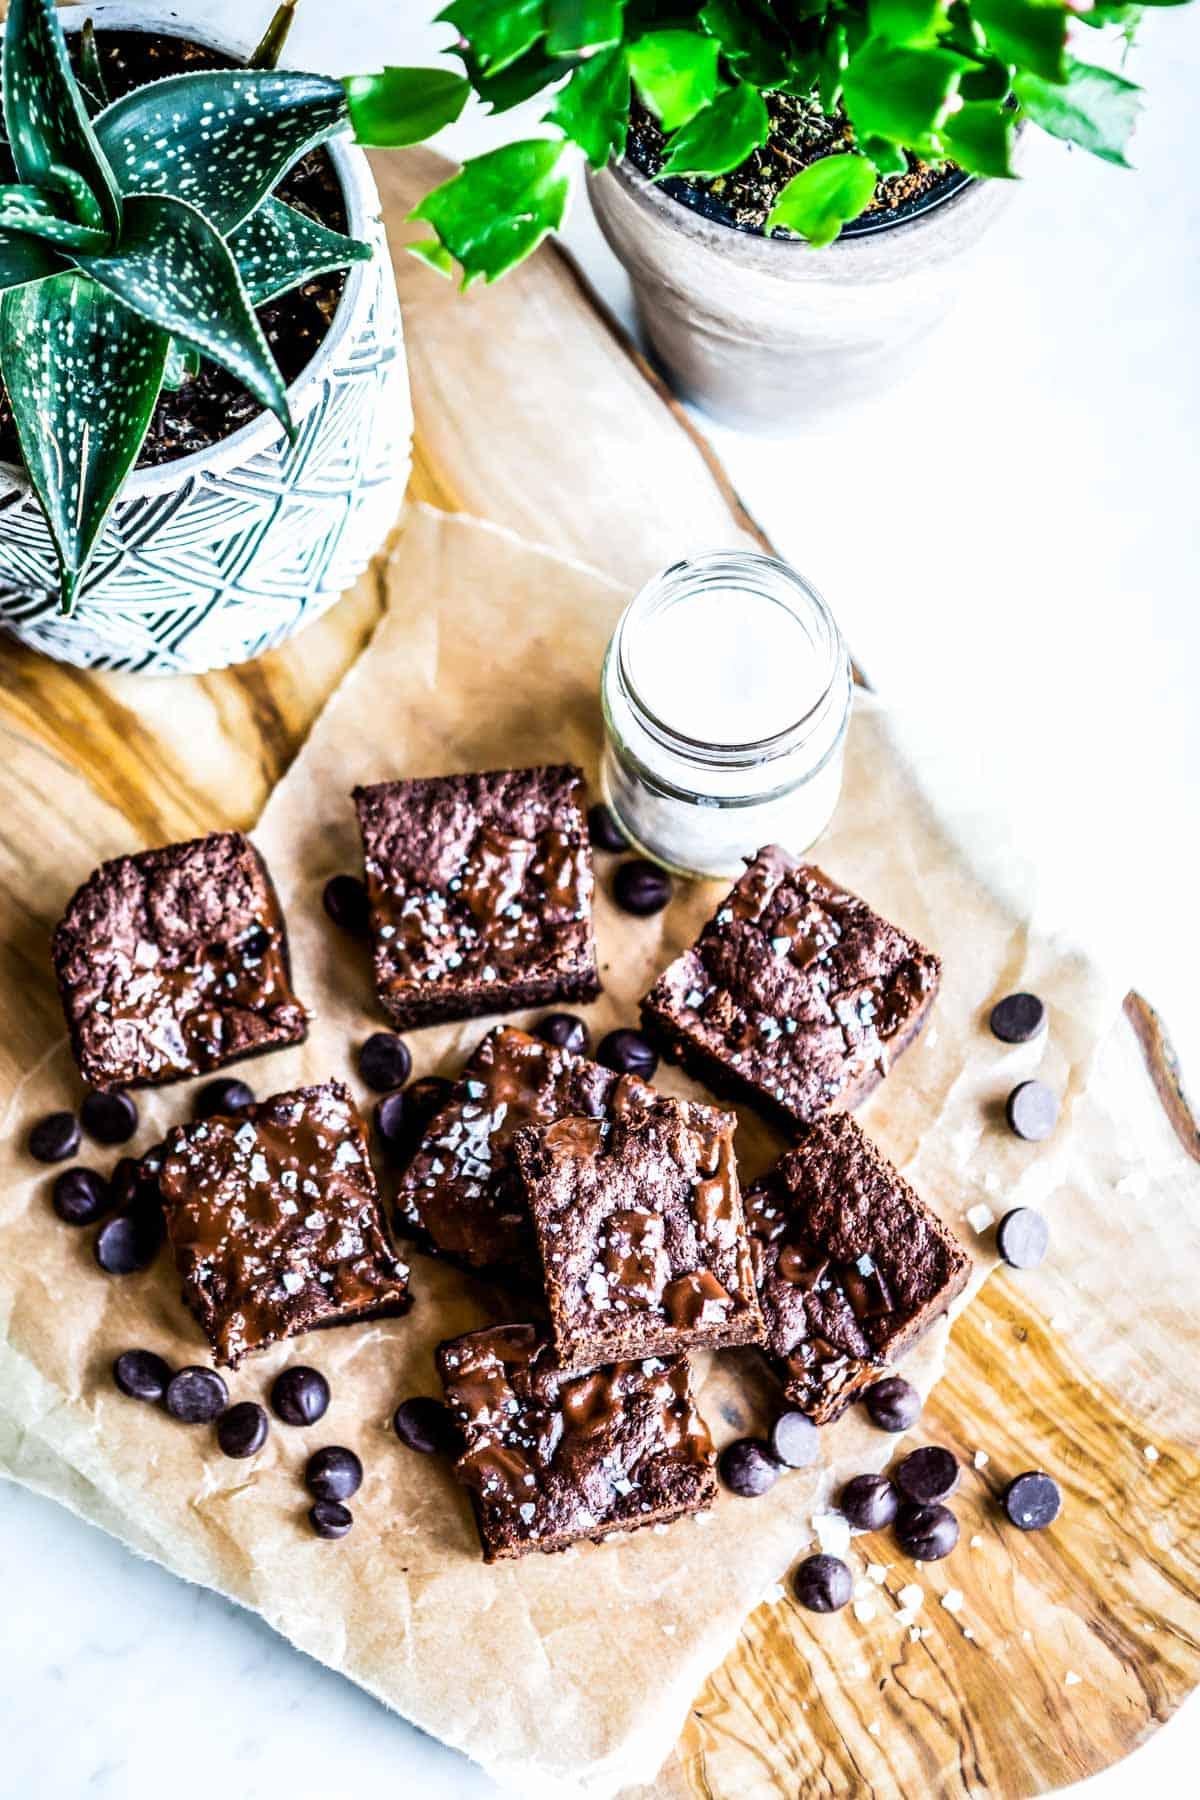 naturally sweetened homemade gluten free brownies